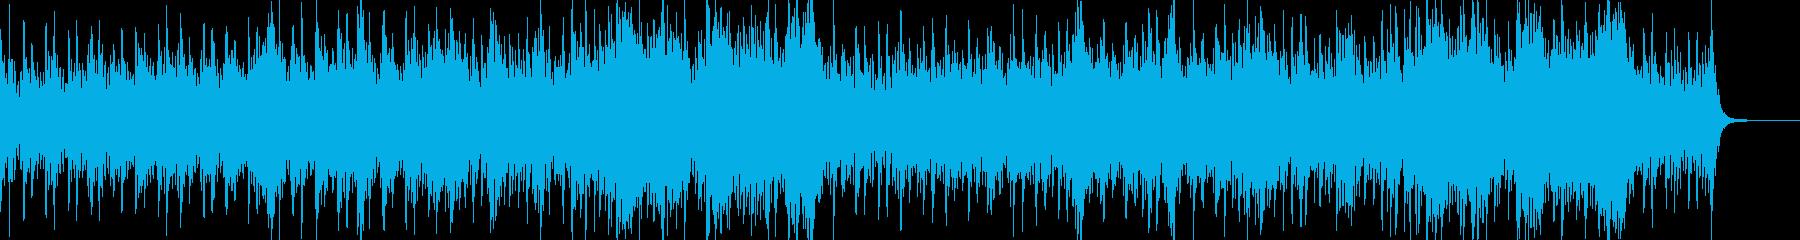 CMや映像/爽やかでポップなオーケストラの再生済みの波形